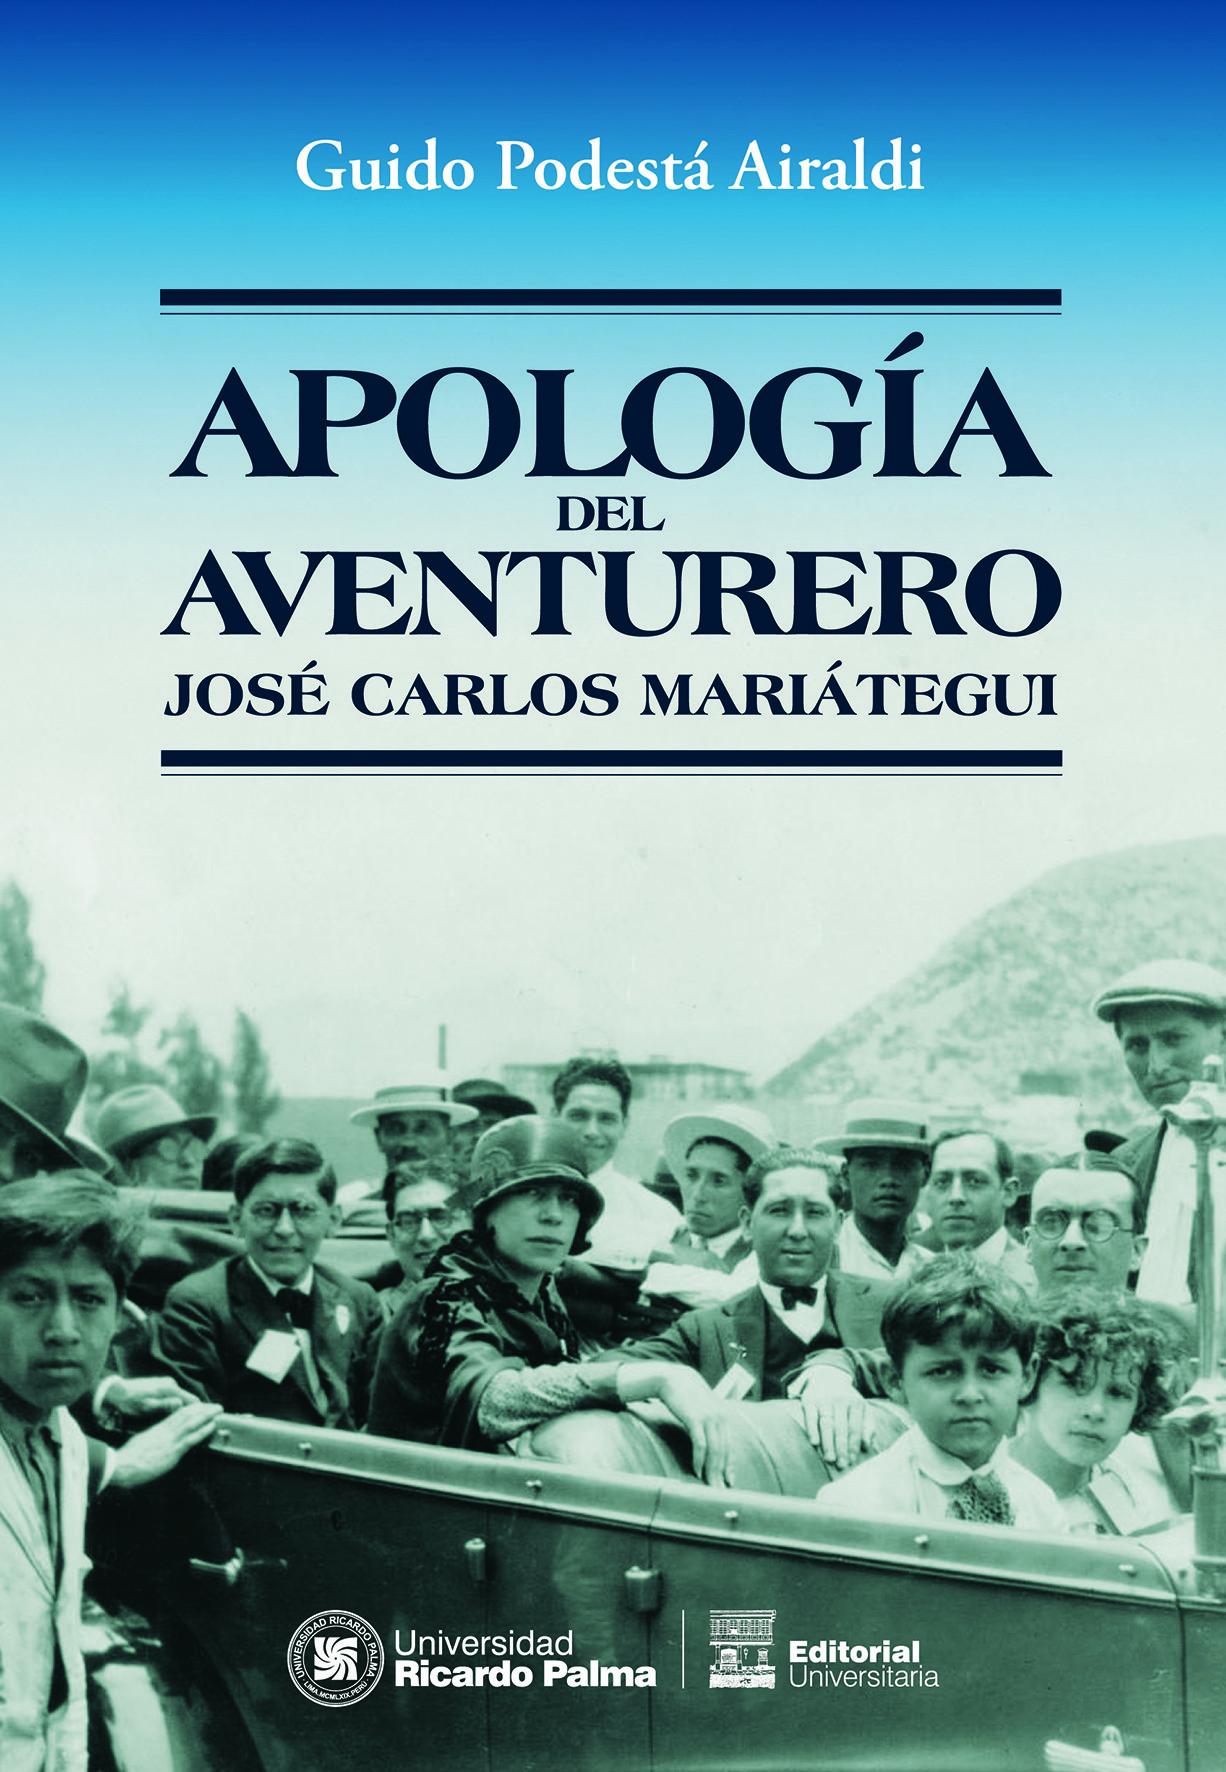 Apología del aventurero José Carlos Mariátegui